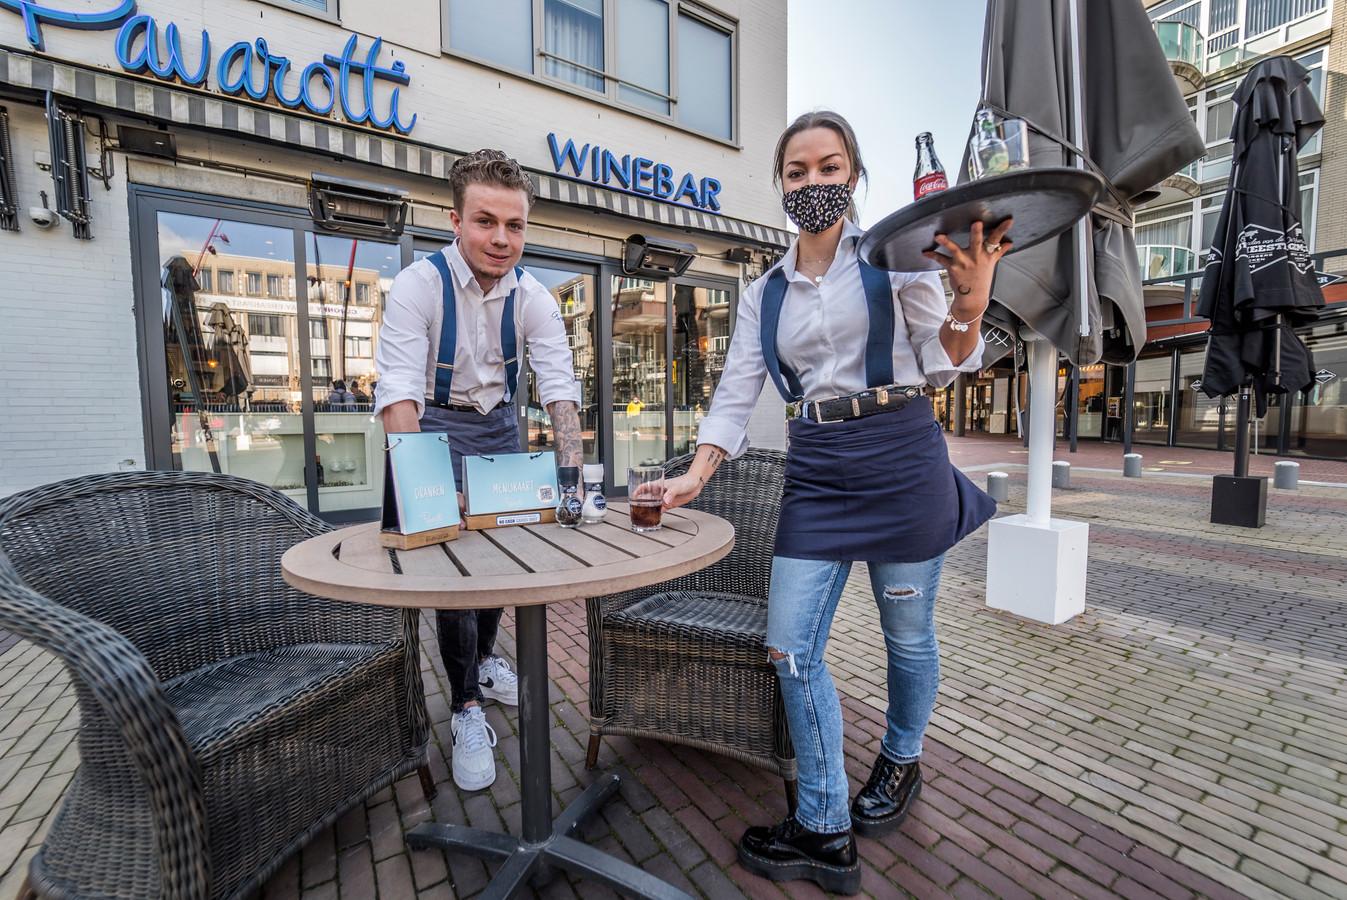 Roxelle en Jamy serveren bij Pavarotti op het Stadhuisplein in Zoetermeer.